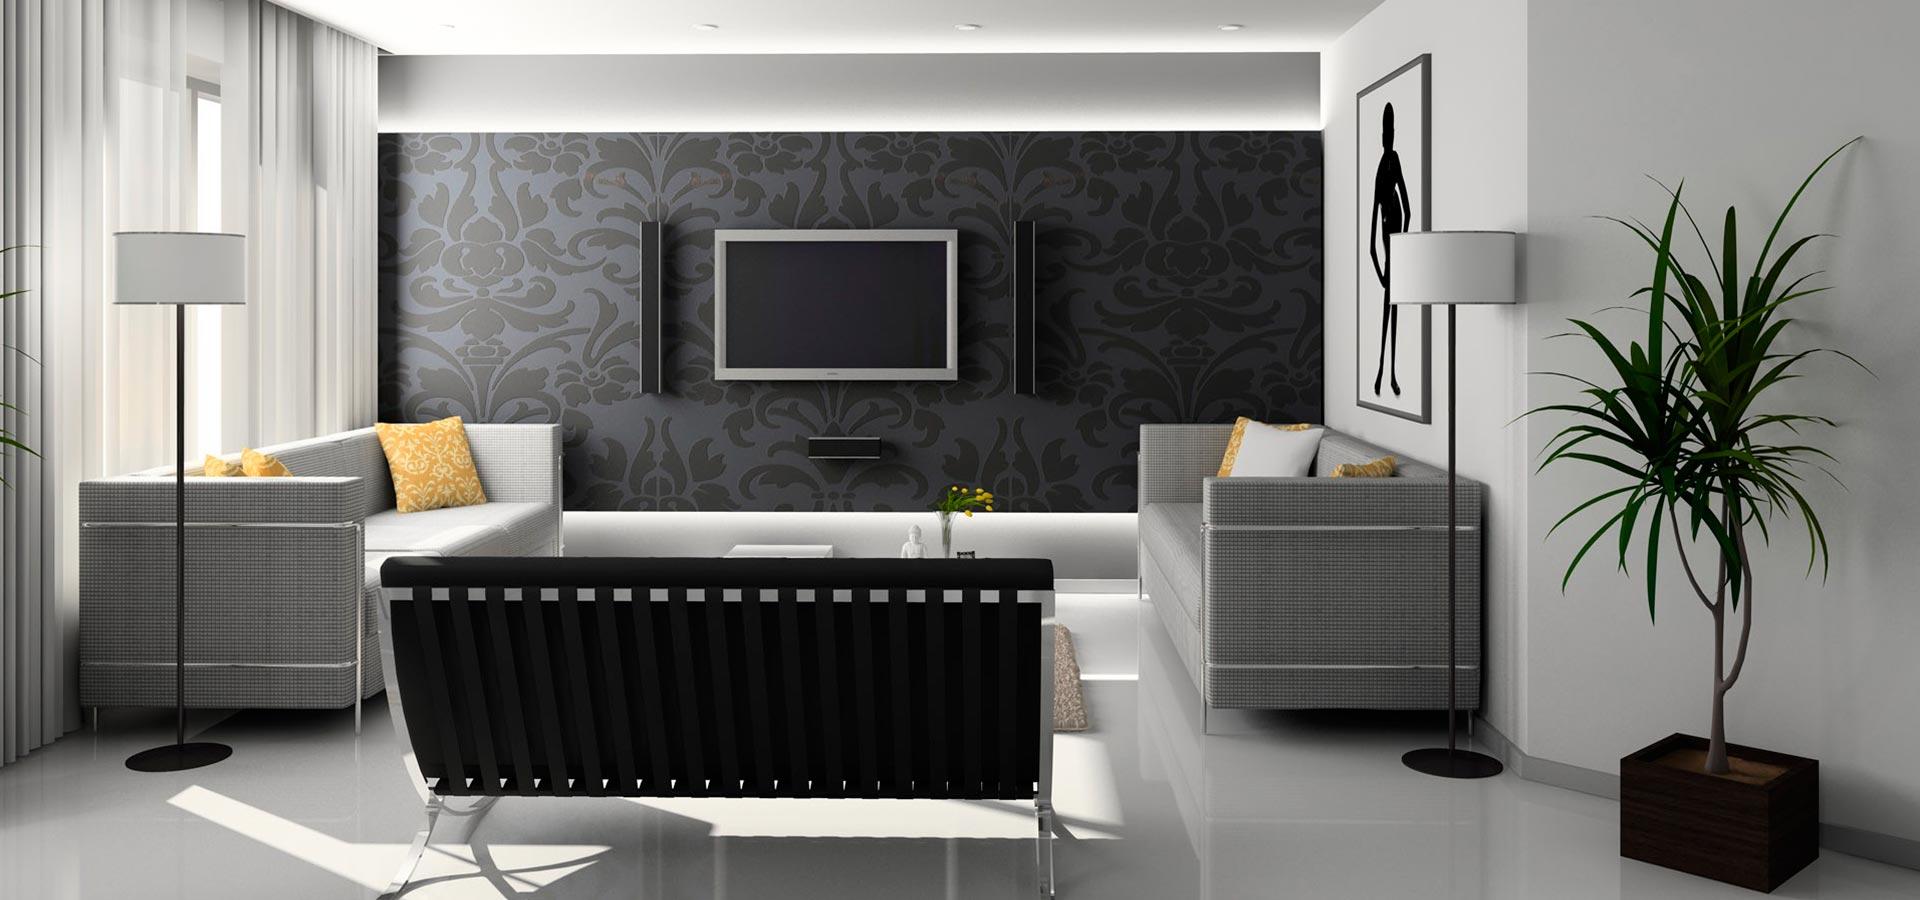 Home Staging. Una inversión entre un 1 y un 3% para vender tu casa más fácil, más rápido y mejor